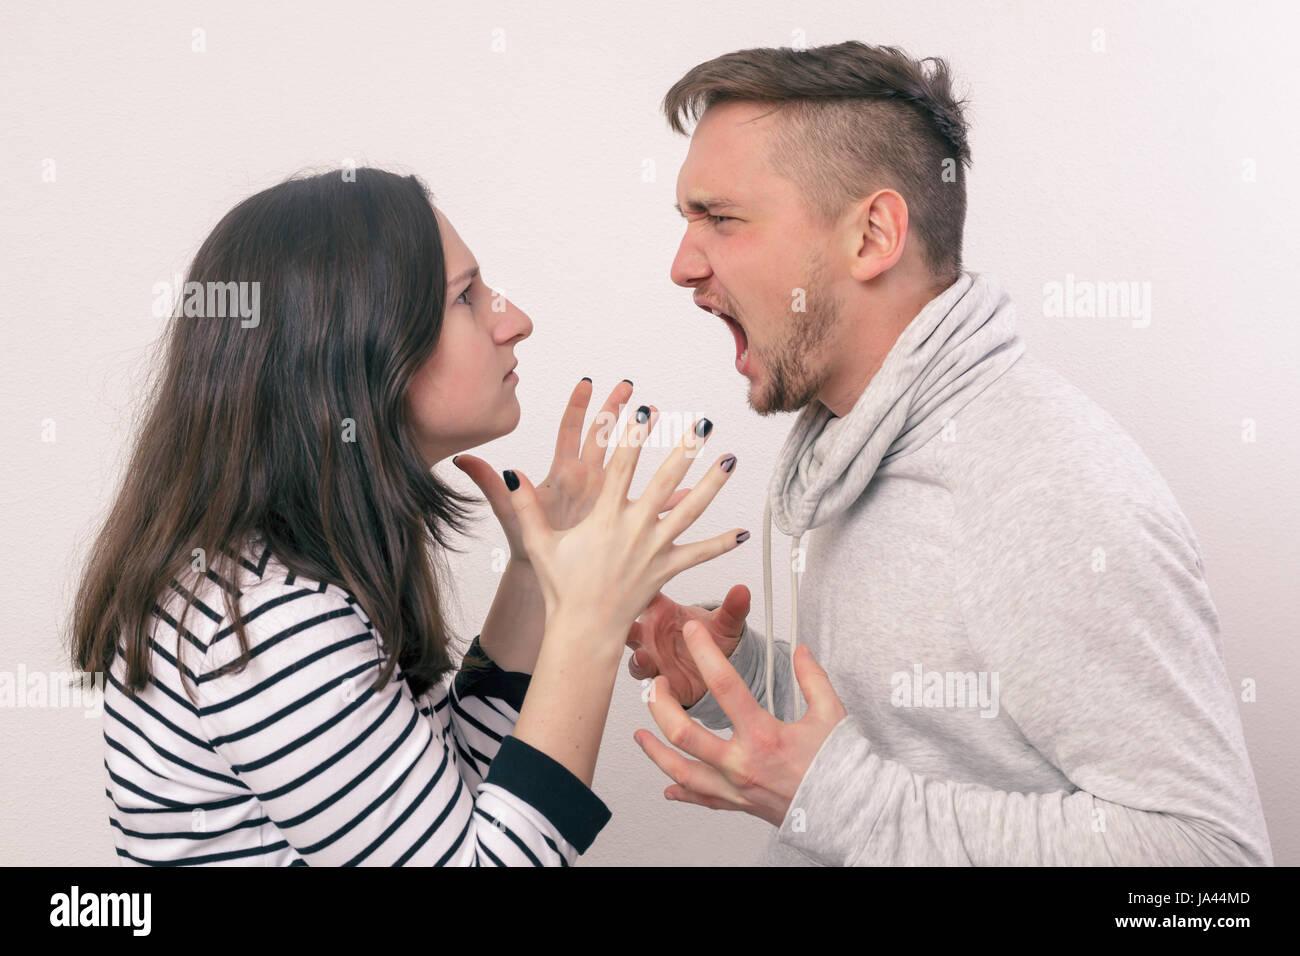 Les jeunes amateurs de paire de querelle. L'homme et la femme crier à l'autre émotionnellement Photo Stock